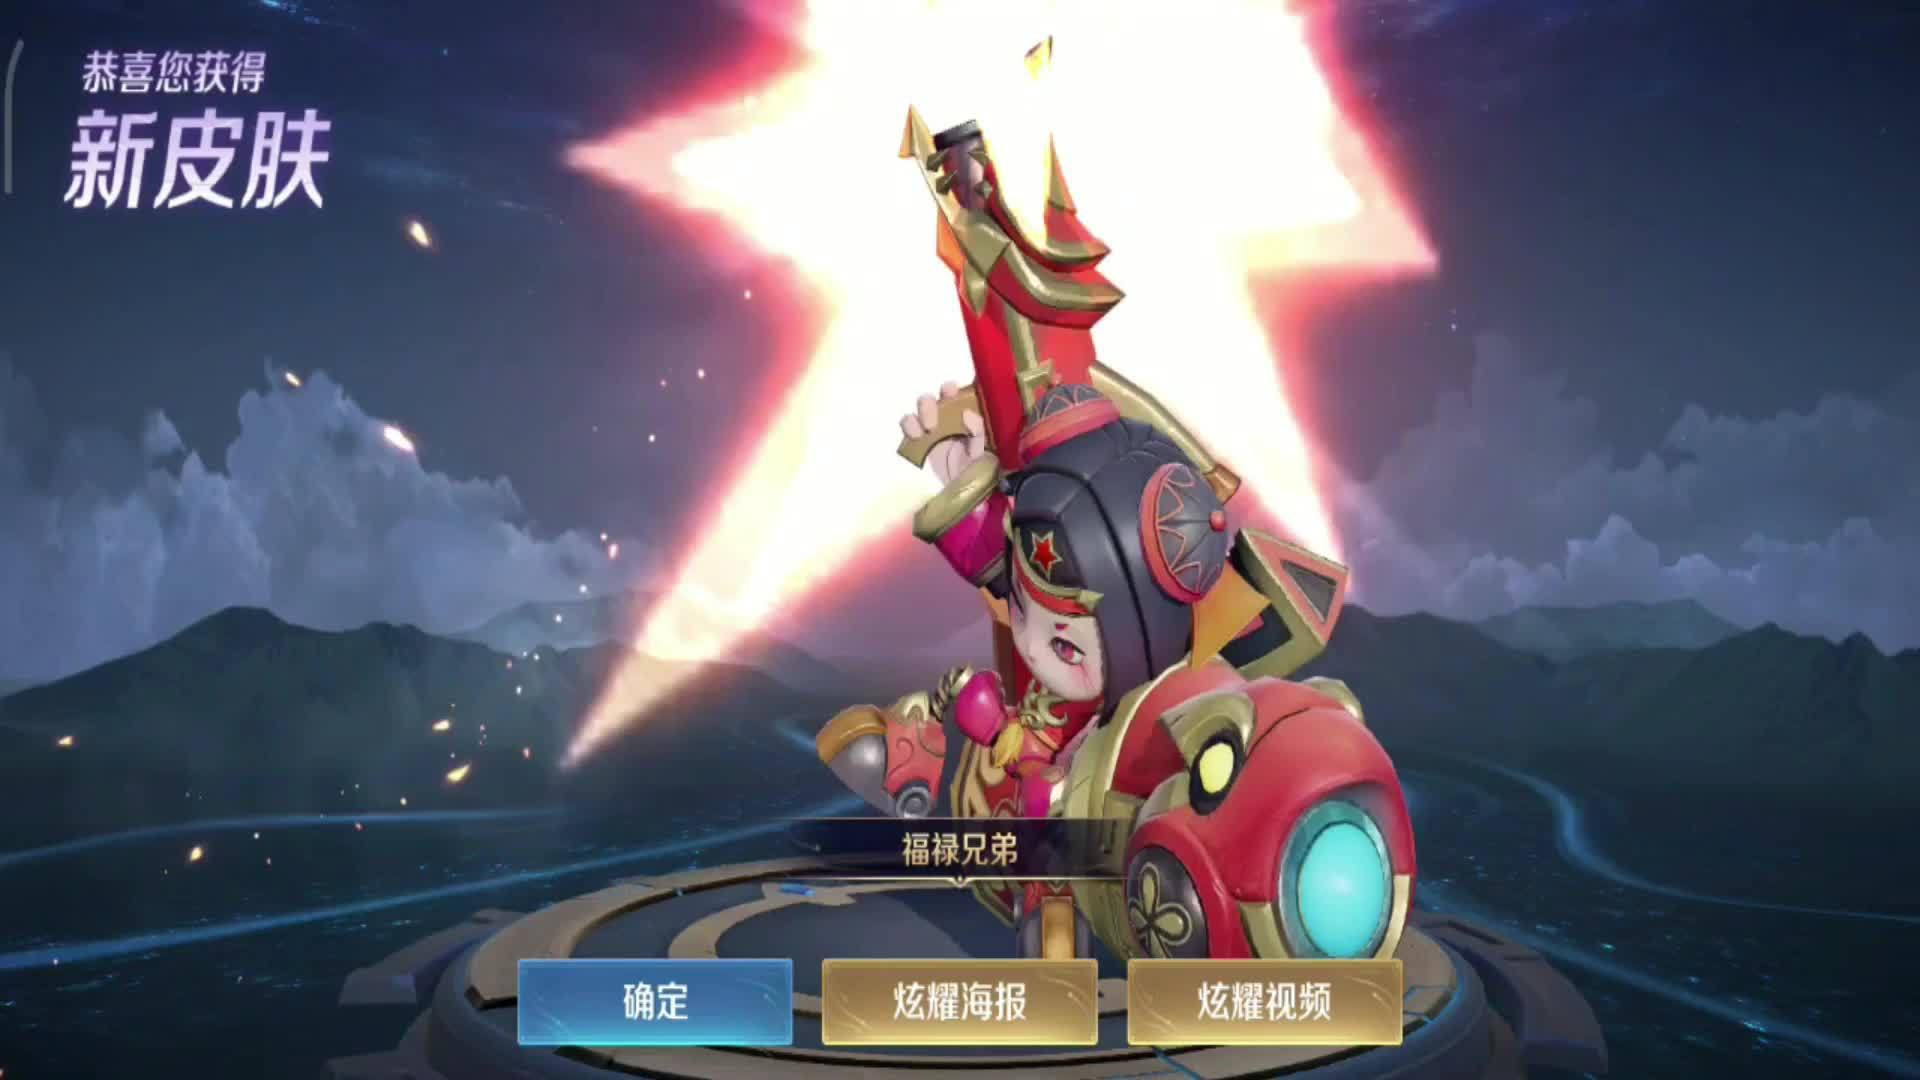 王者荣耀 孙策大招增加到12秒 同时取消大招期间使用回城键